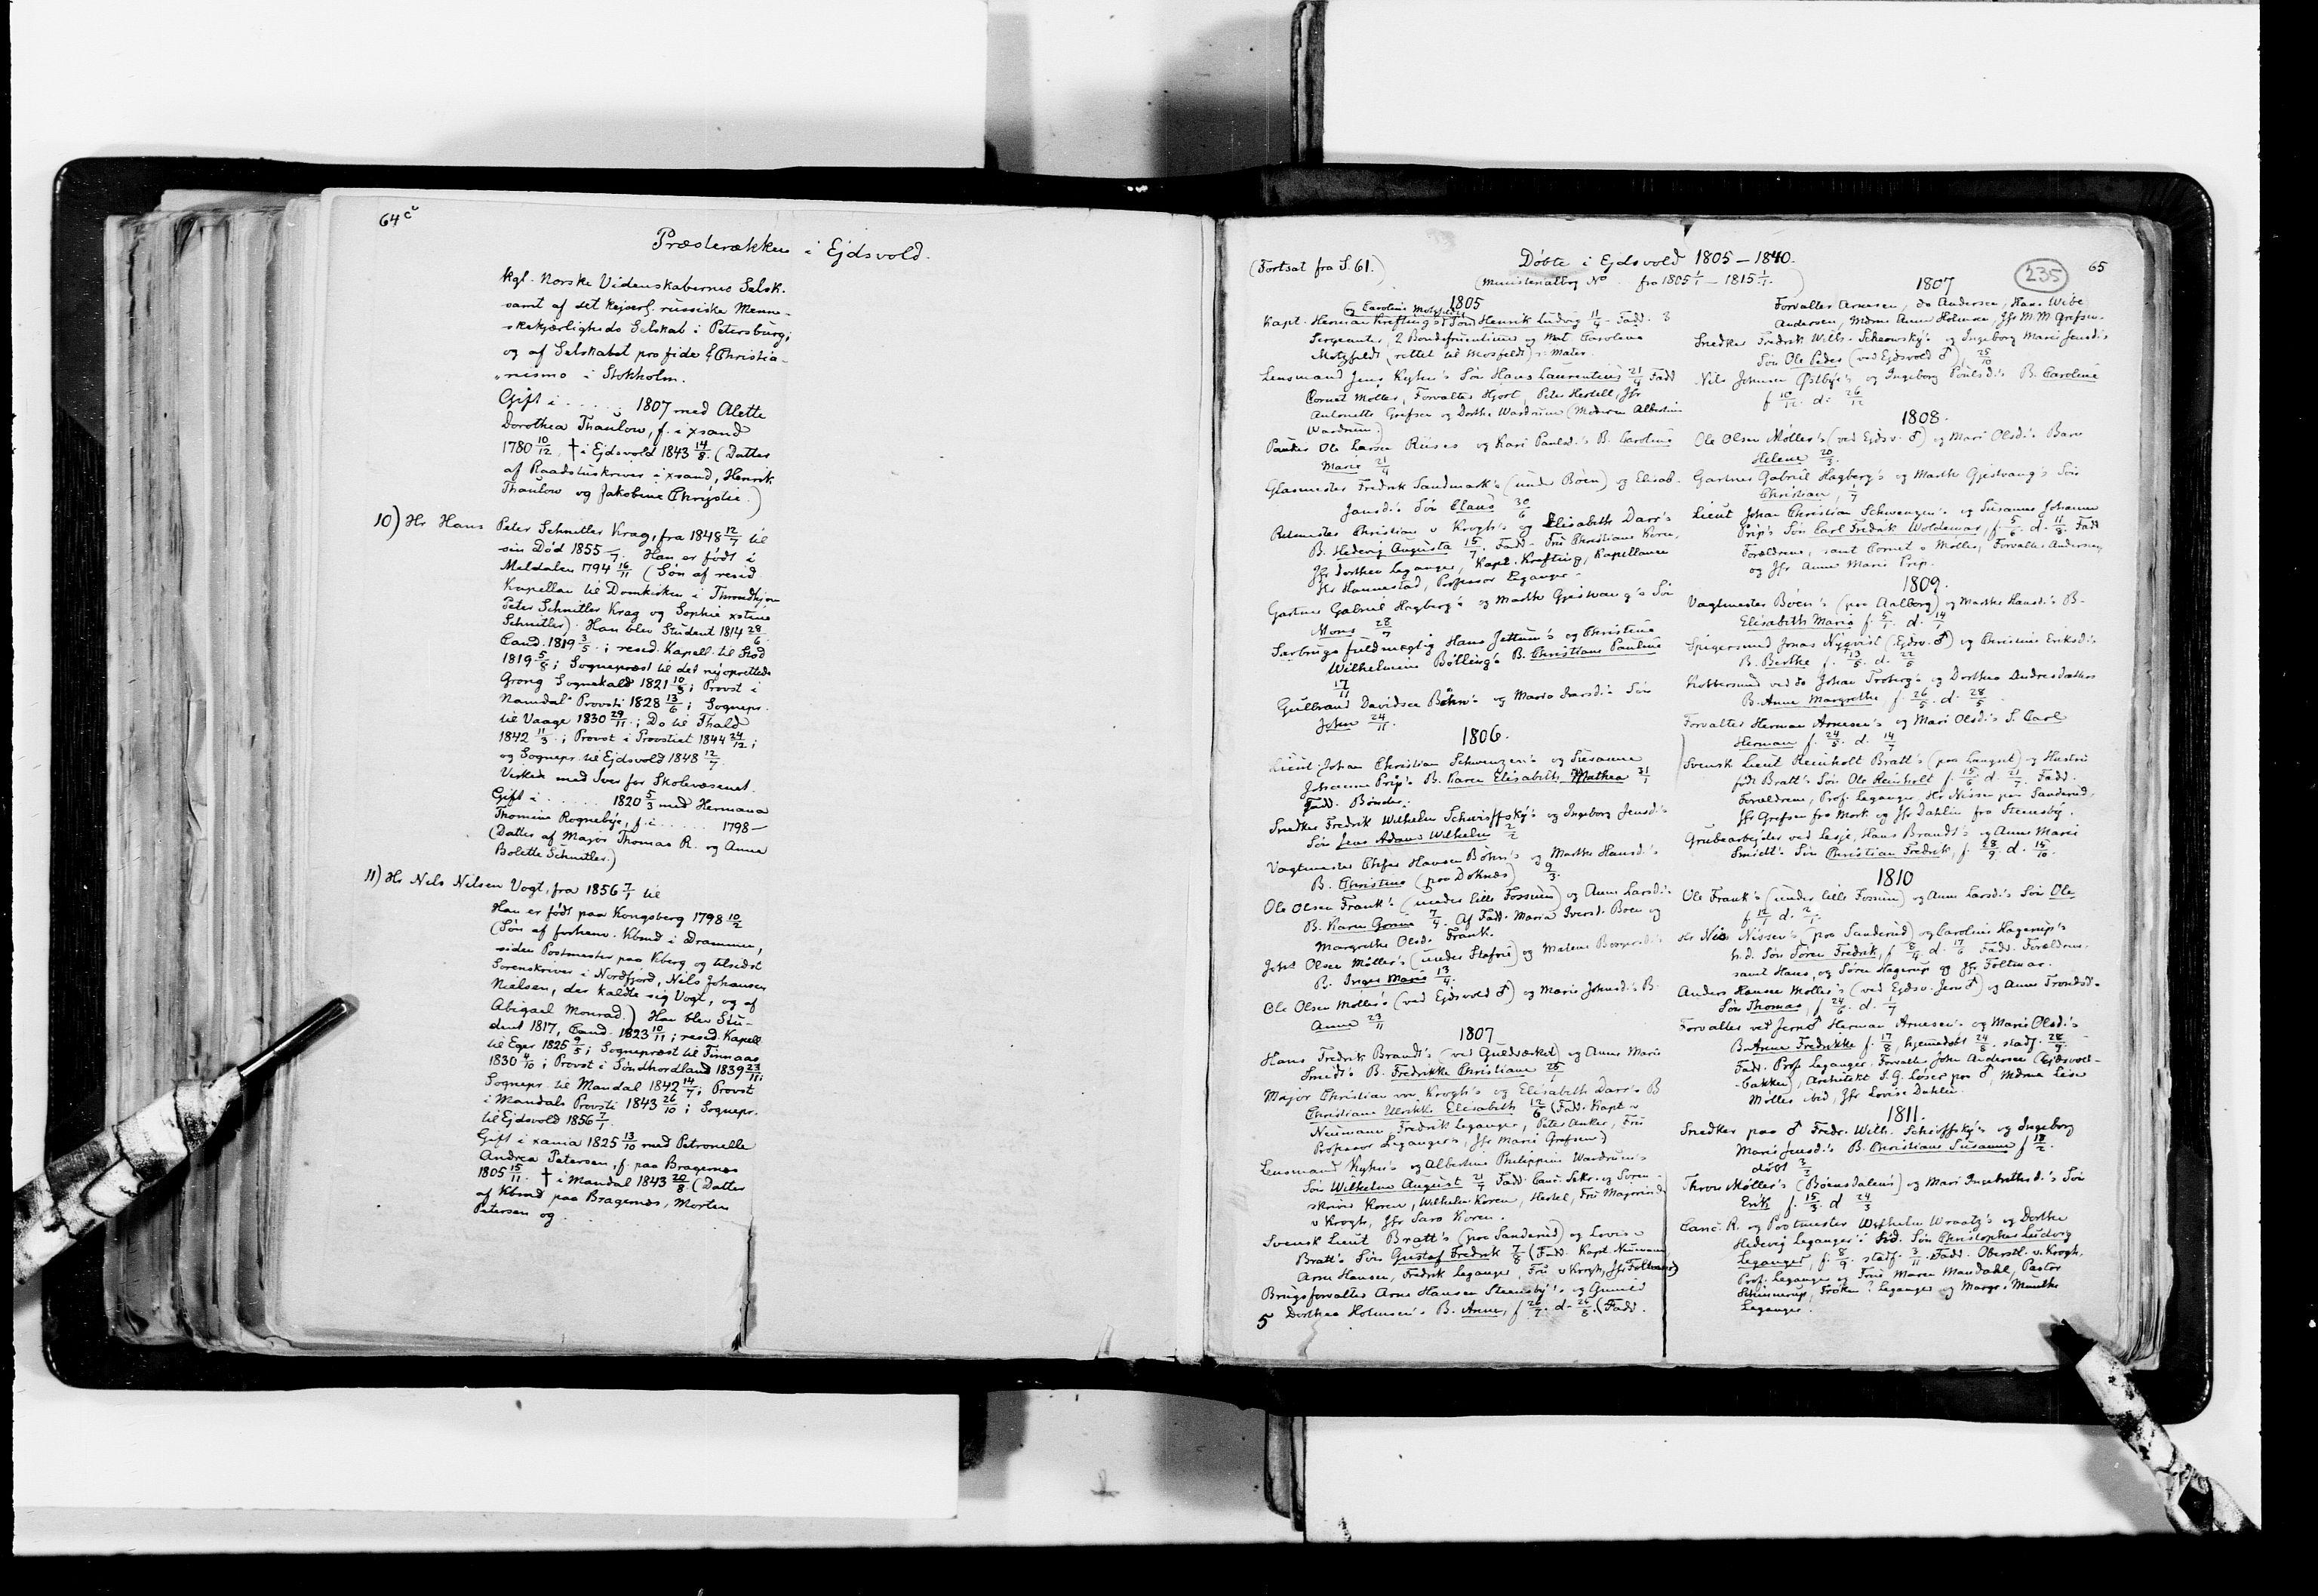 RA, Lassens samlinger, F/Fc, s. 235